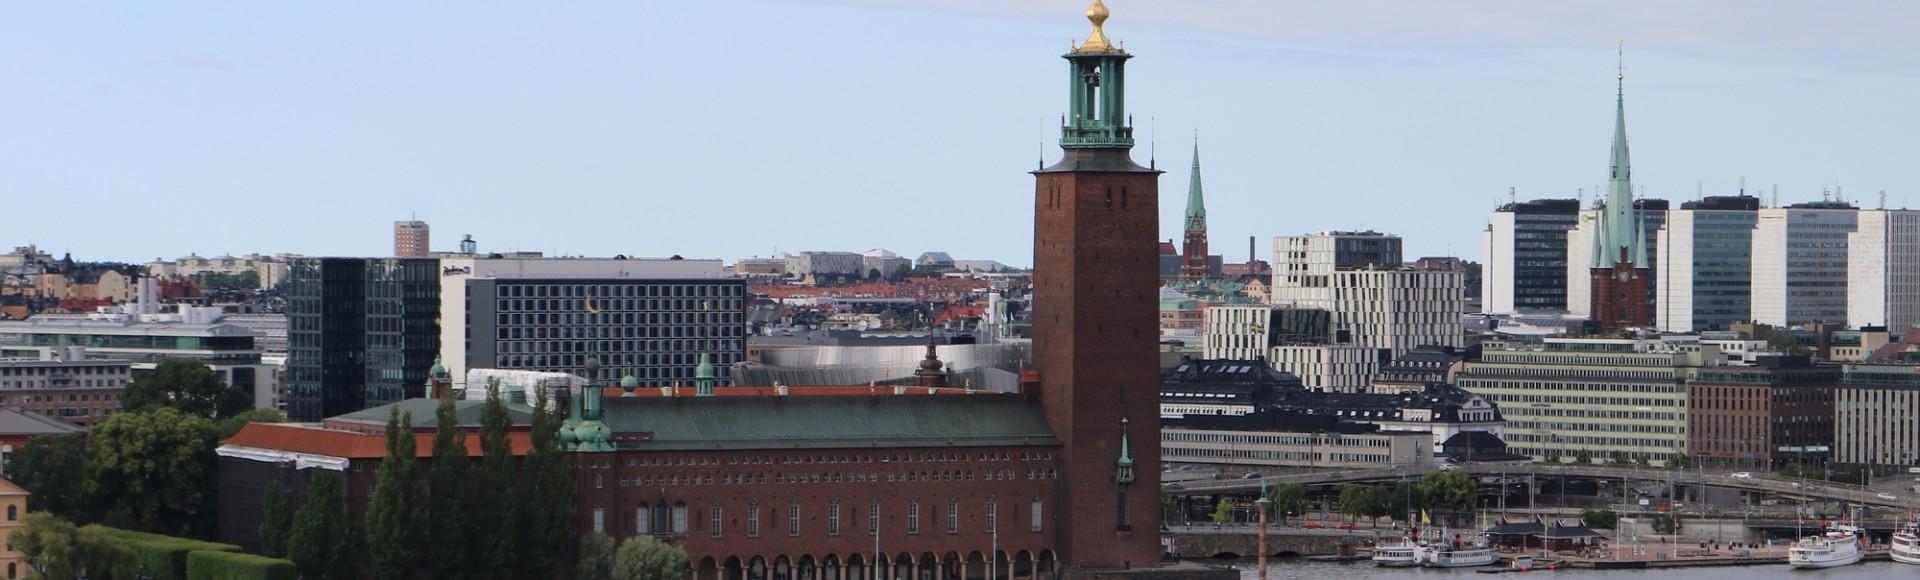 Besuch das Stockholmer Rathaus und die Turmglocke